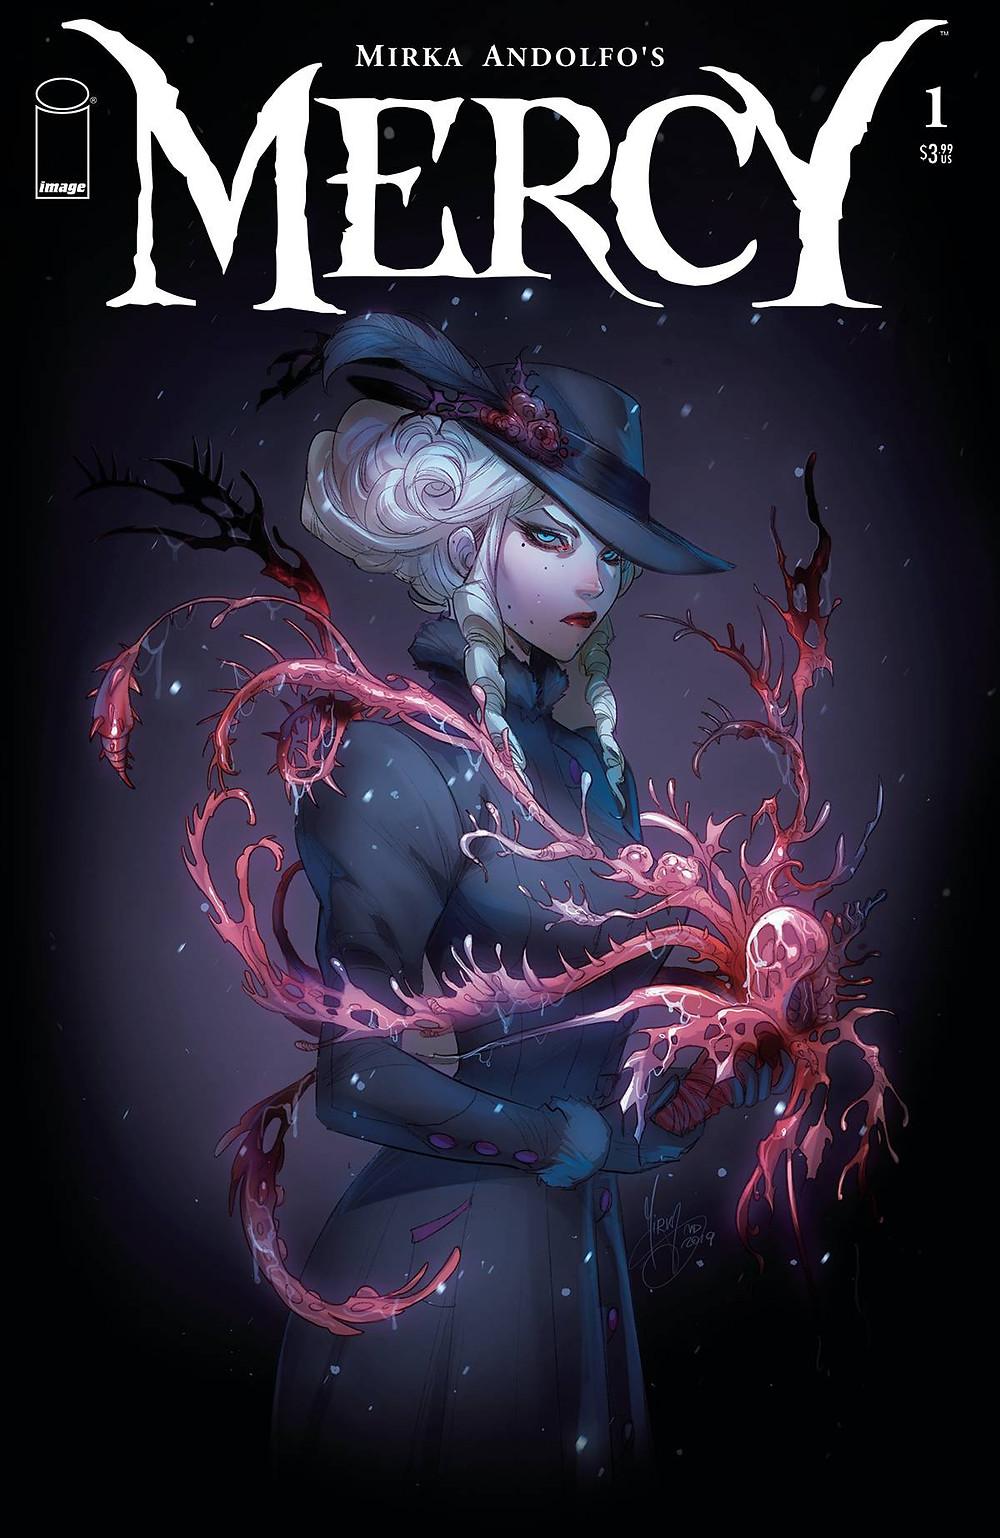 Cover of Mirka Andolfo's Mercy